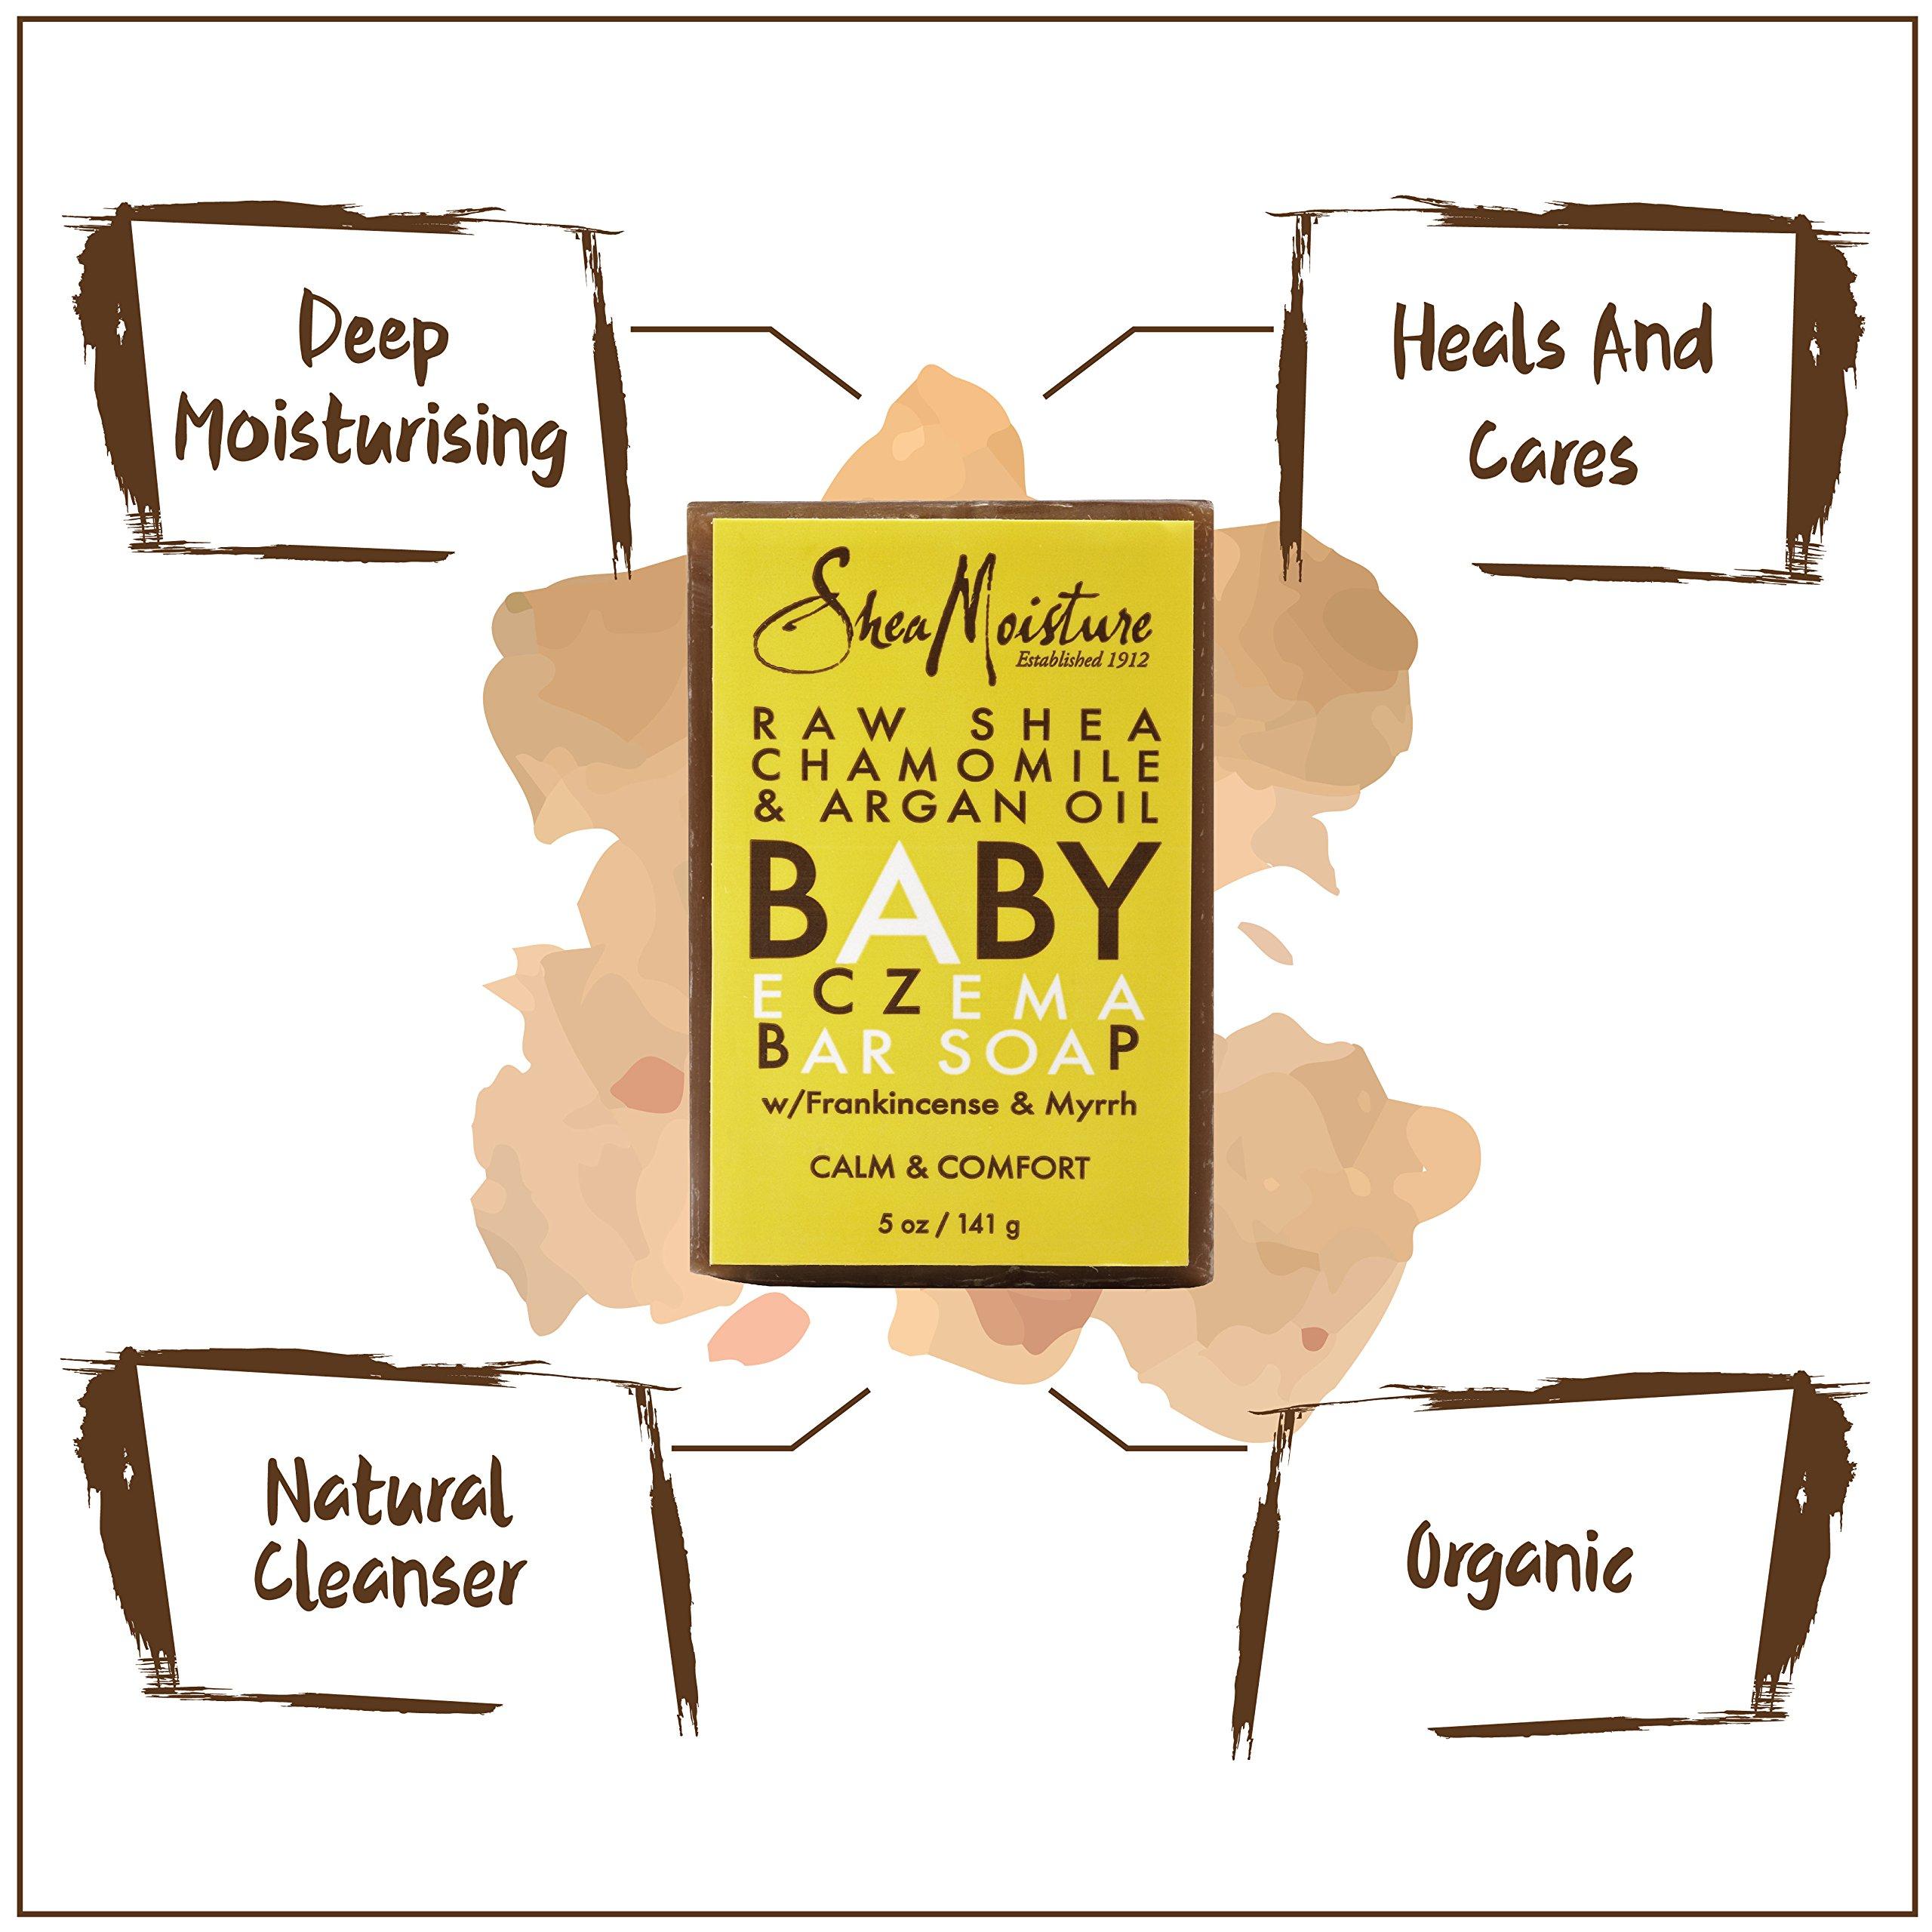 SheaMoisture Raw Shea Chamomile & Argan Oil Baby Eczema Bar Soap   5 oz.